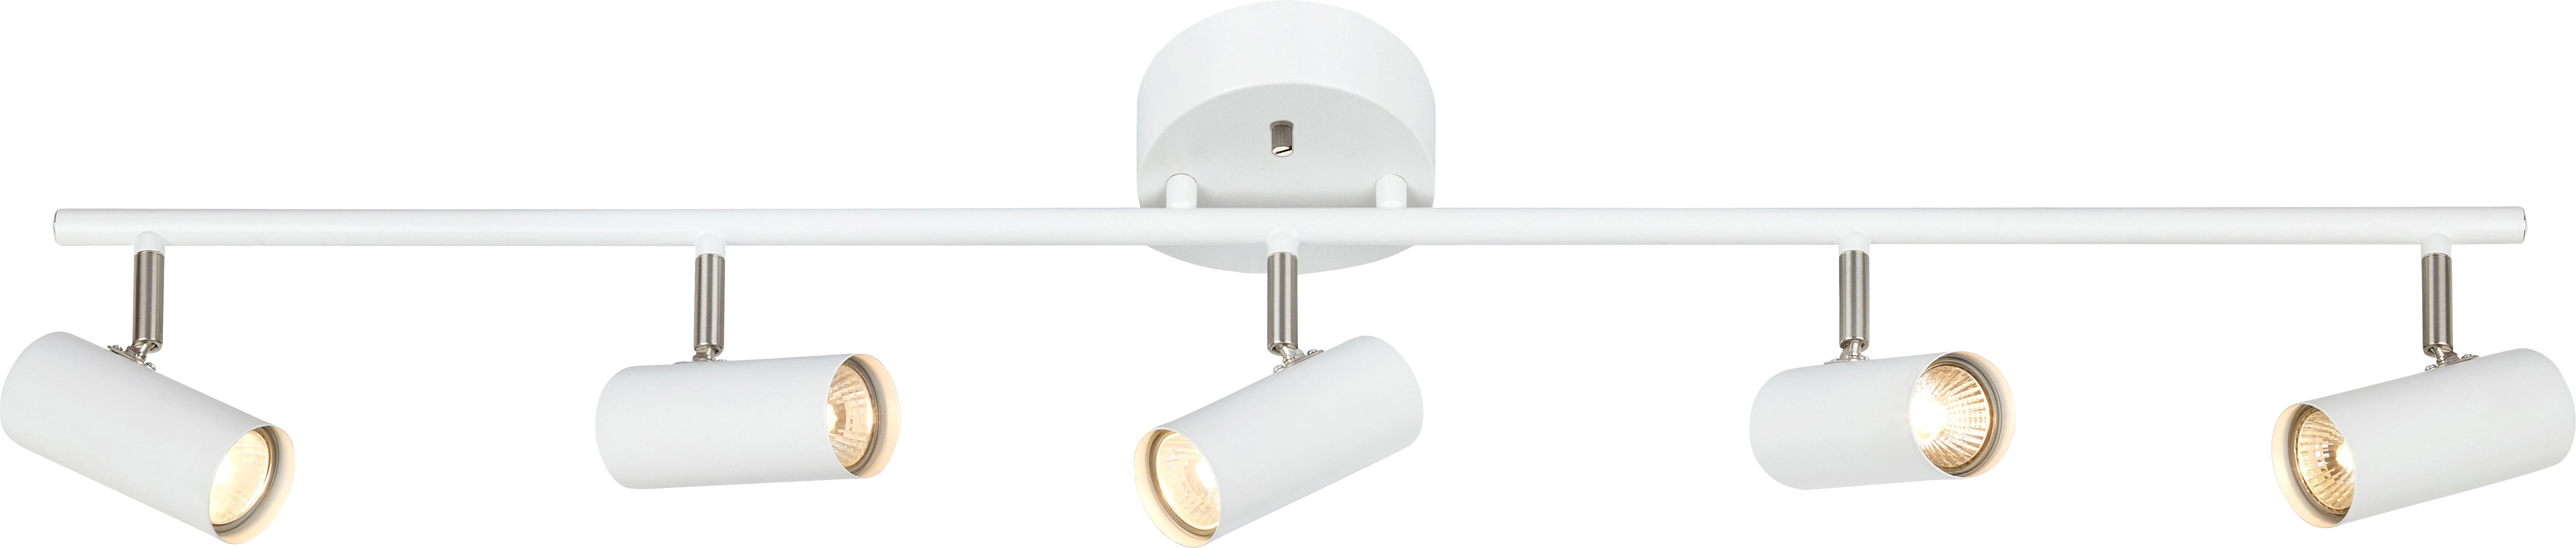 Faretti da soffitto Barcelona, Metallo rivestito, Bianco, Larg. 105 x Alt. 20 cm